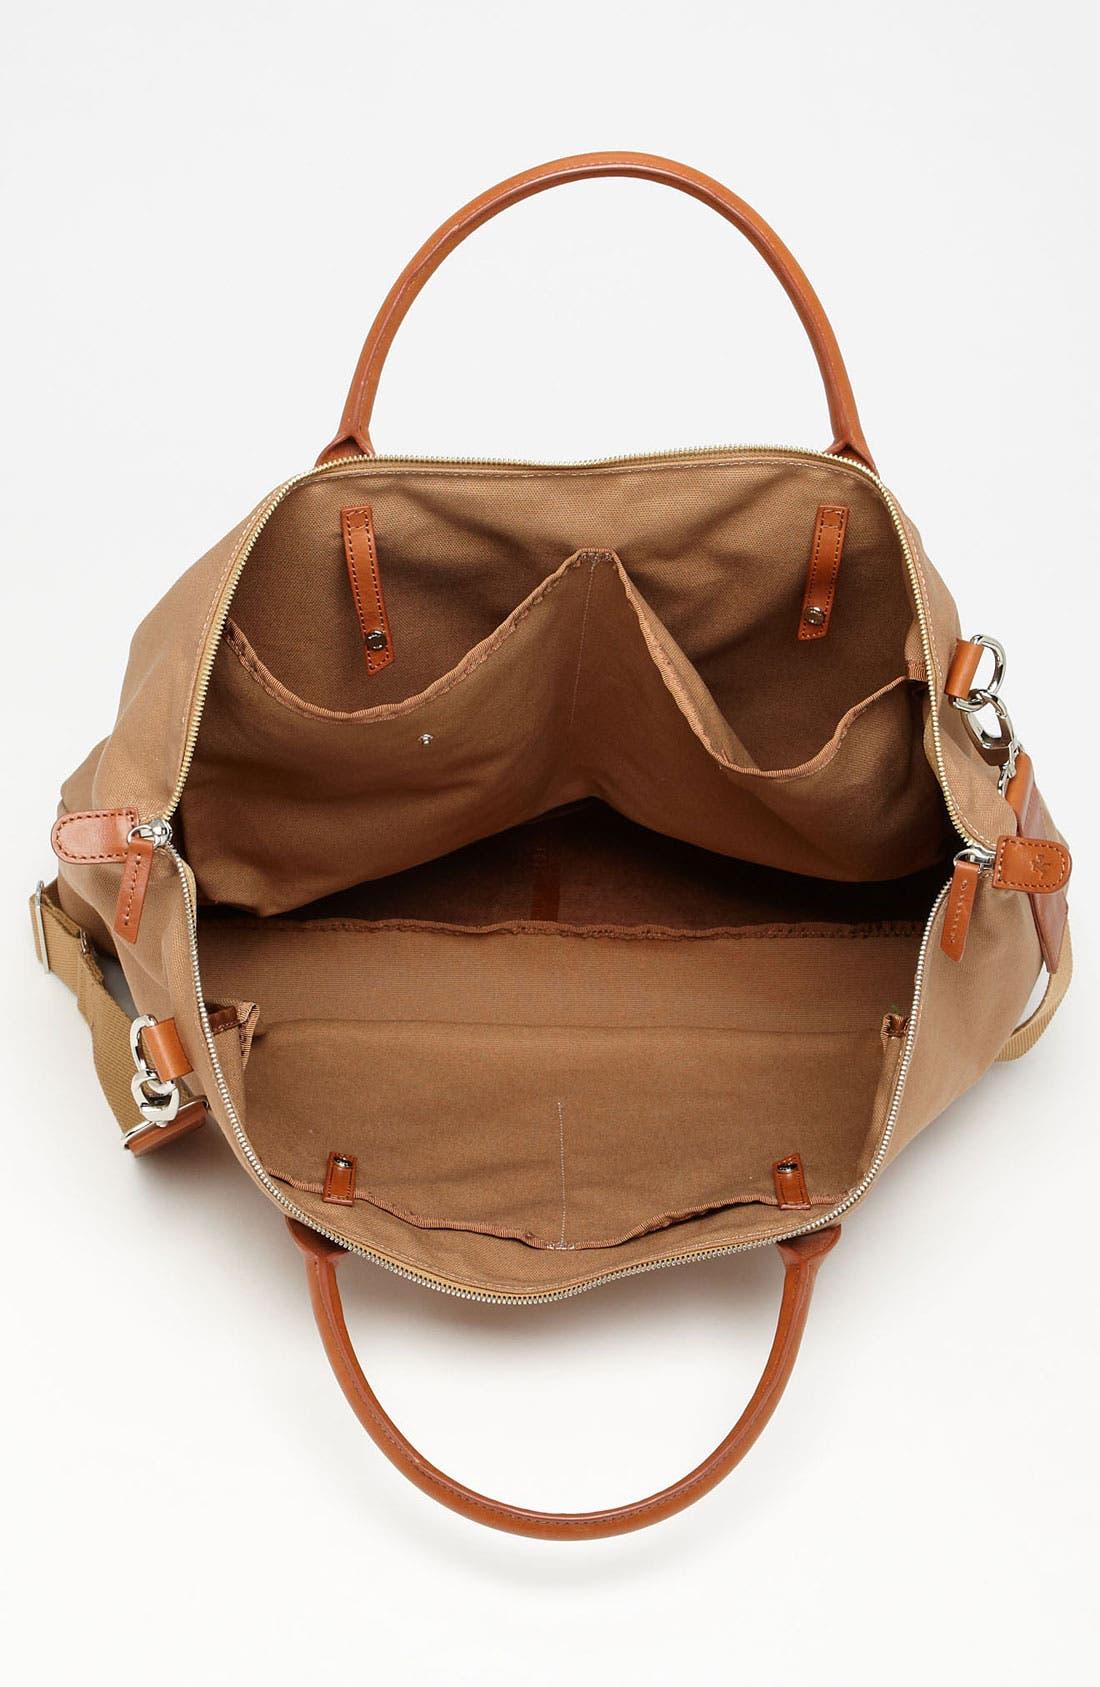 Alternate Image 2  - WANT Les Essentiels de la Vie 'Hartsfield' Travel Tote Bag